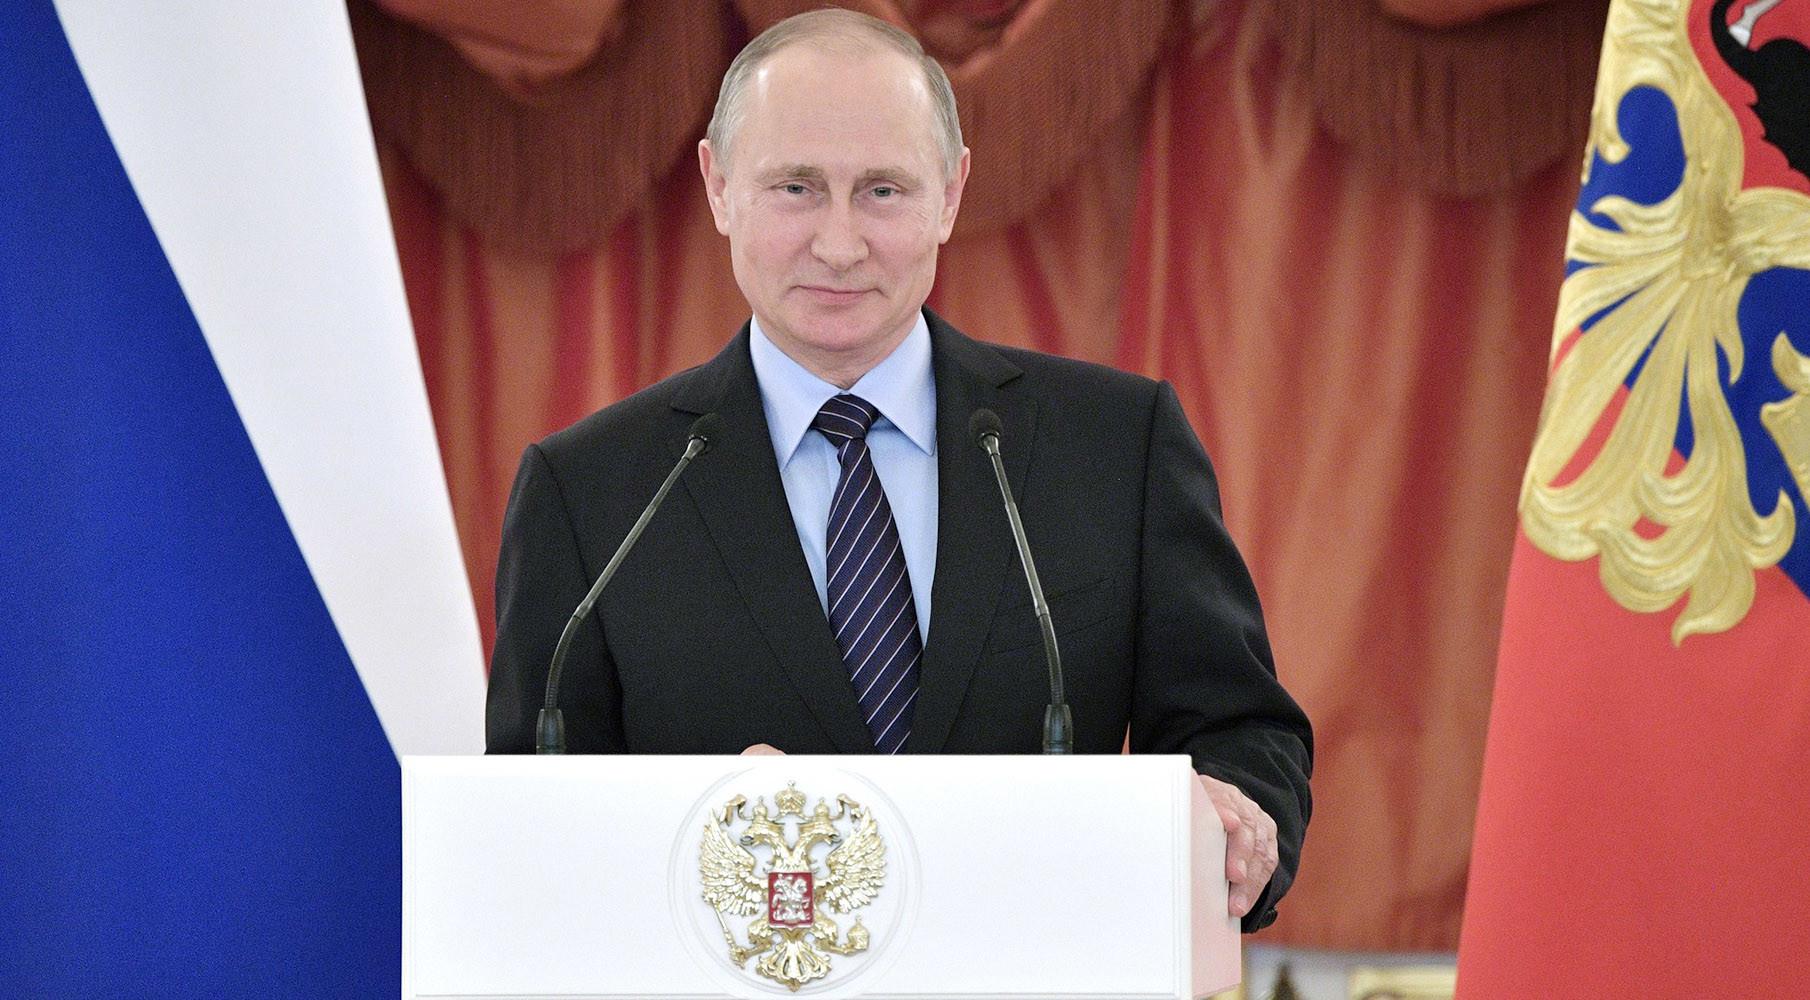 Зачем нужна церемония получения гражданства России